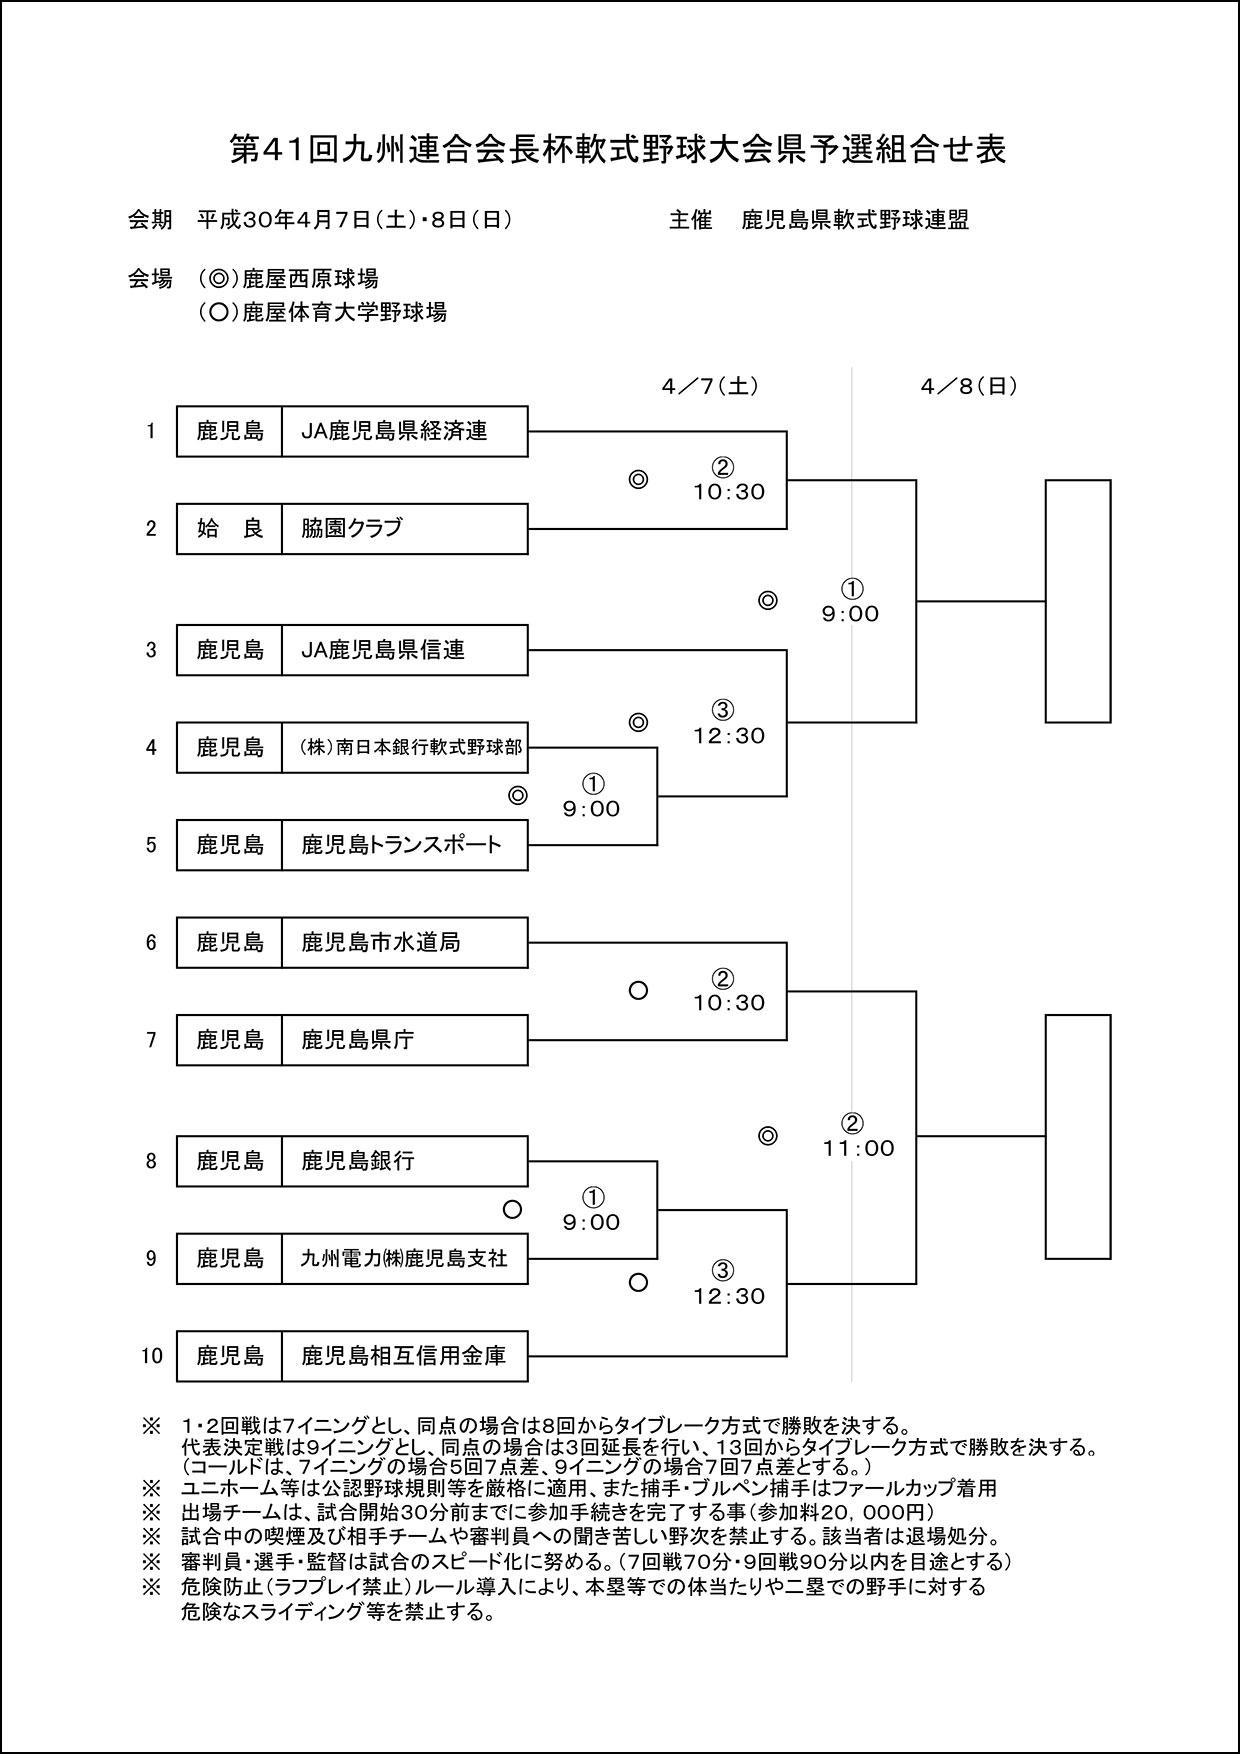 【組合せ】第41回九州連合会長杯軟式野球大会県予選組合せ表